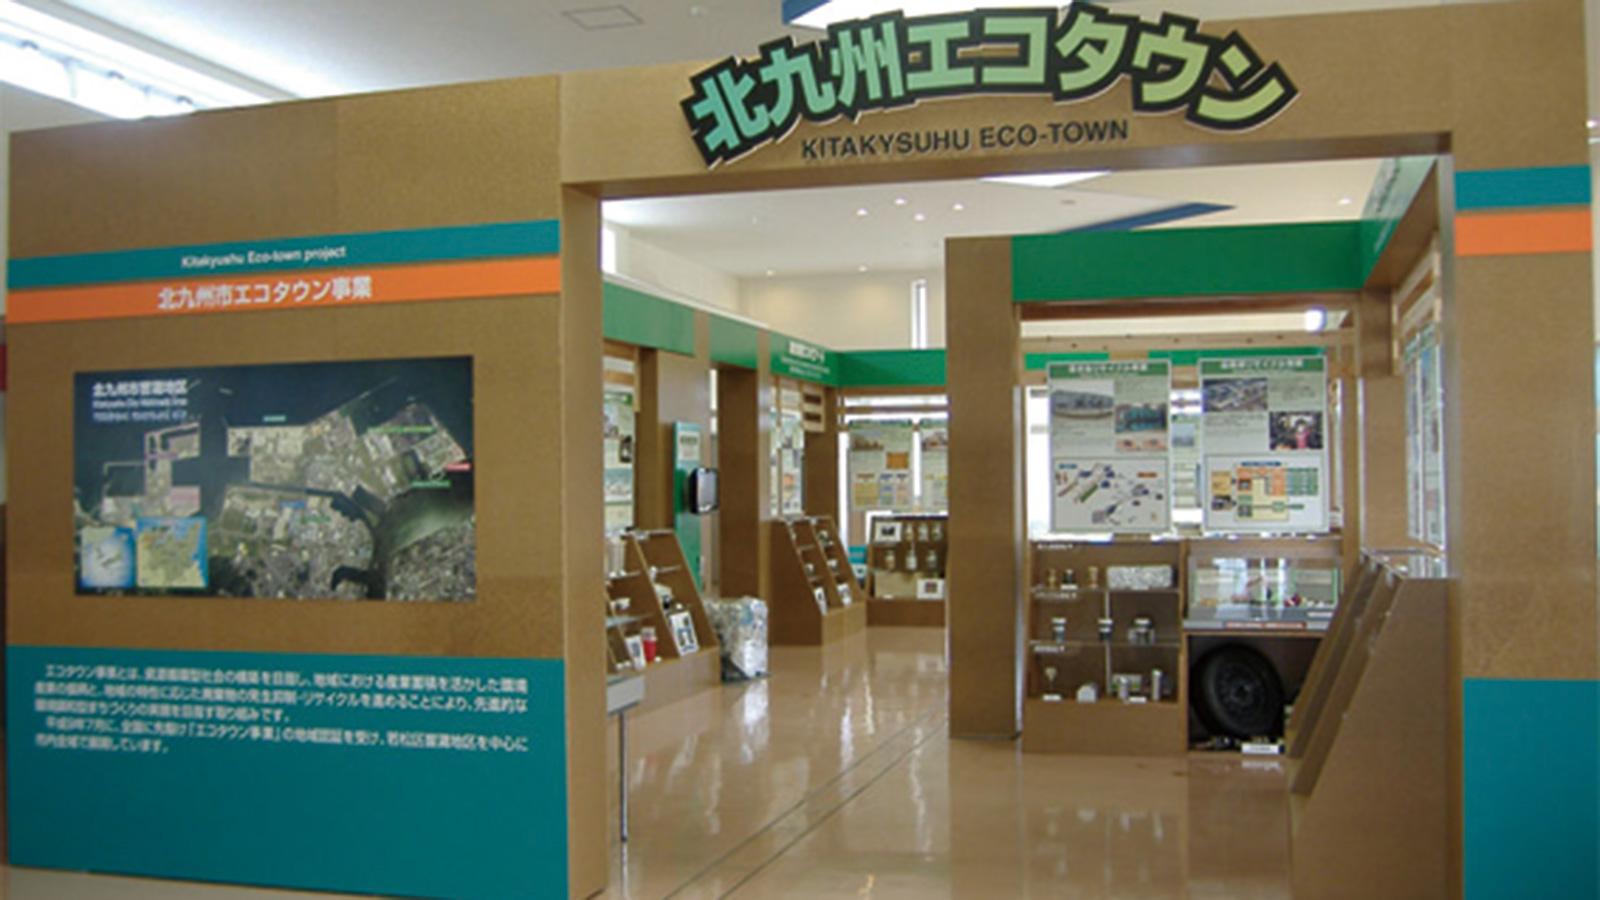 Kitakyushu Eco-Town